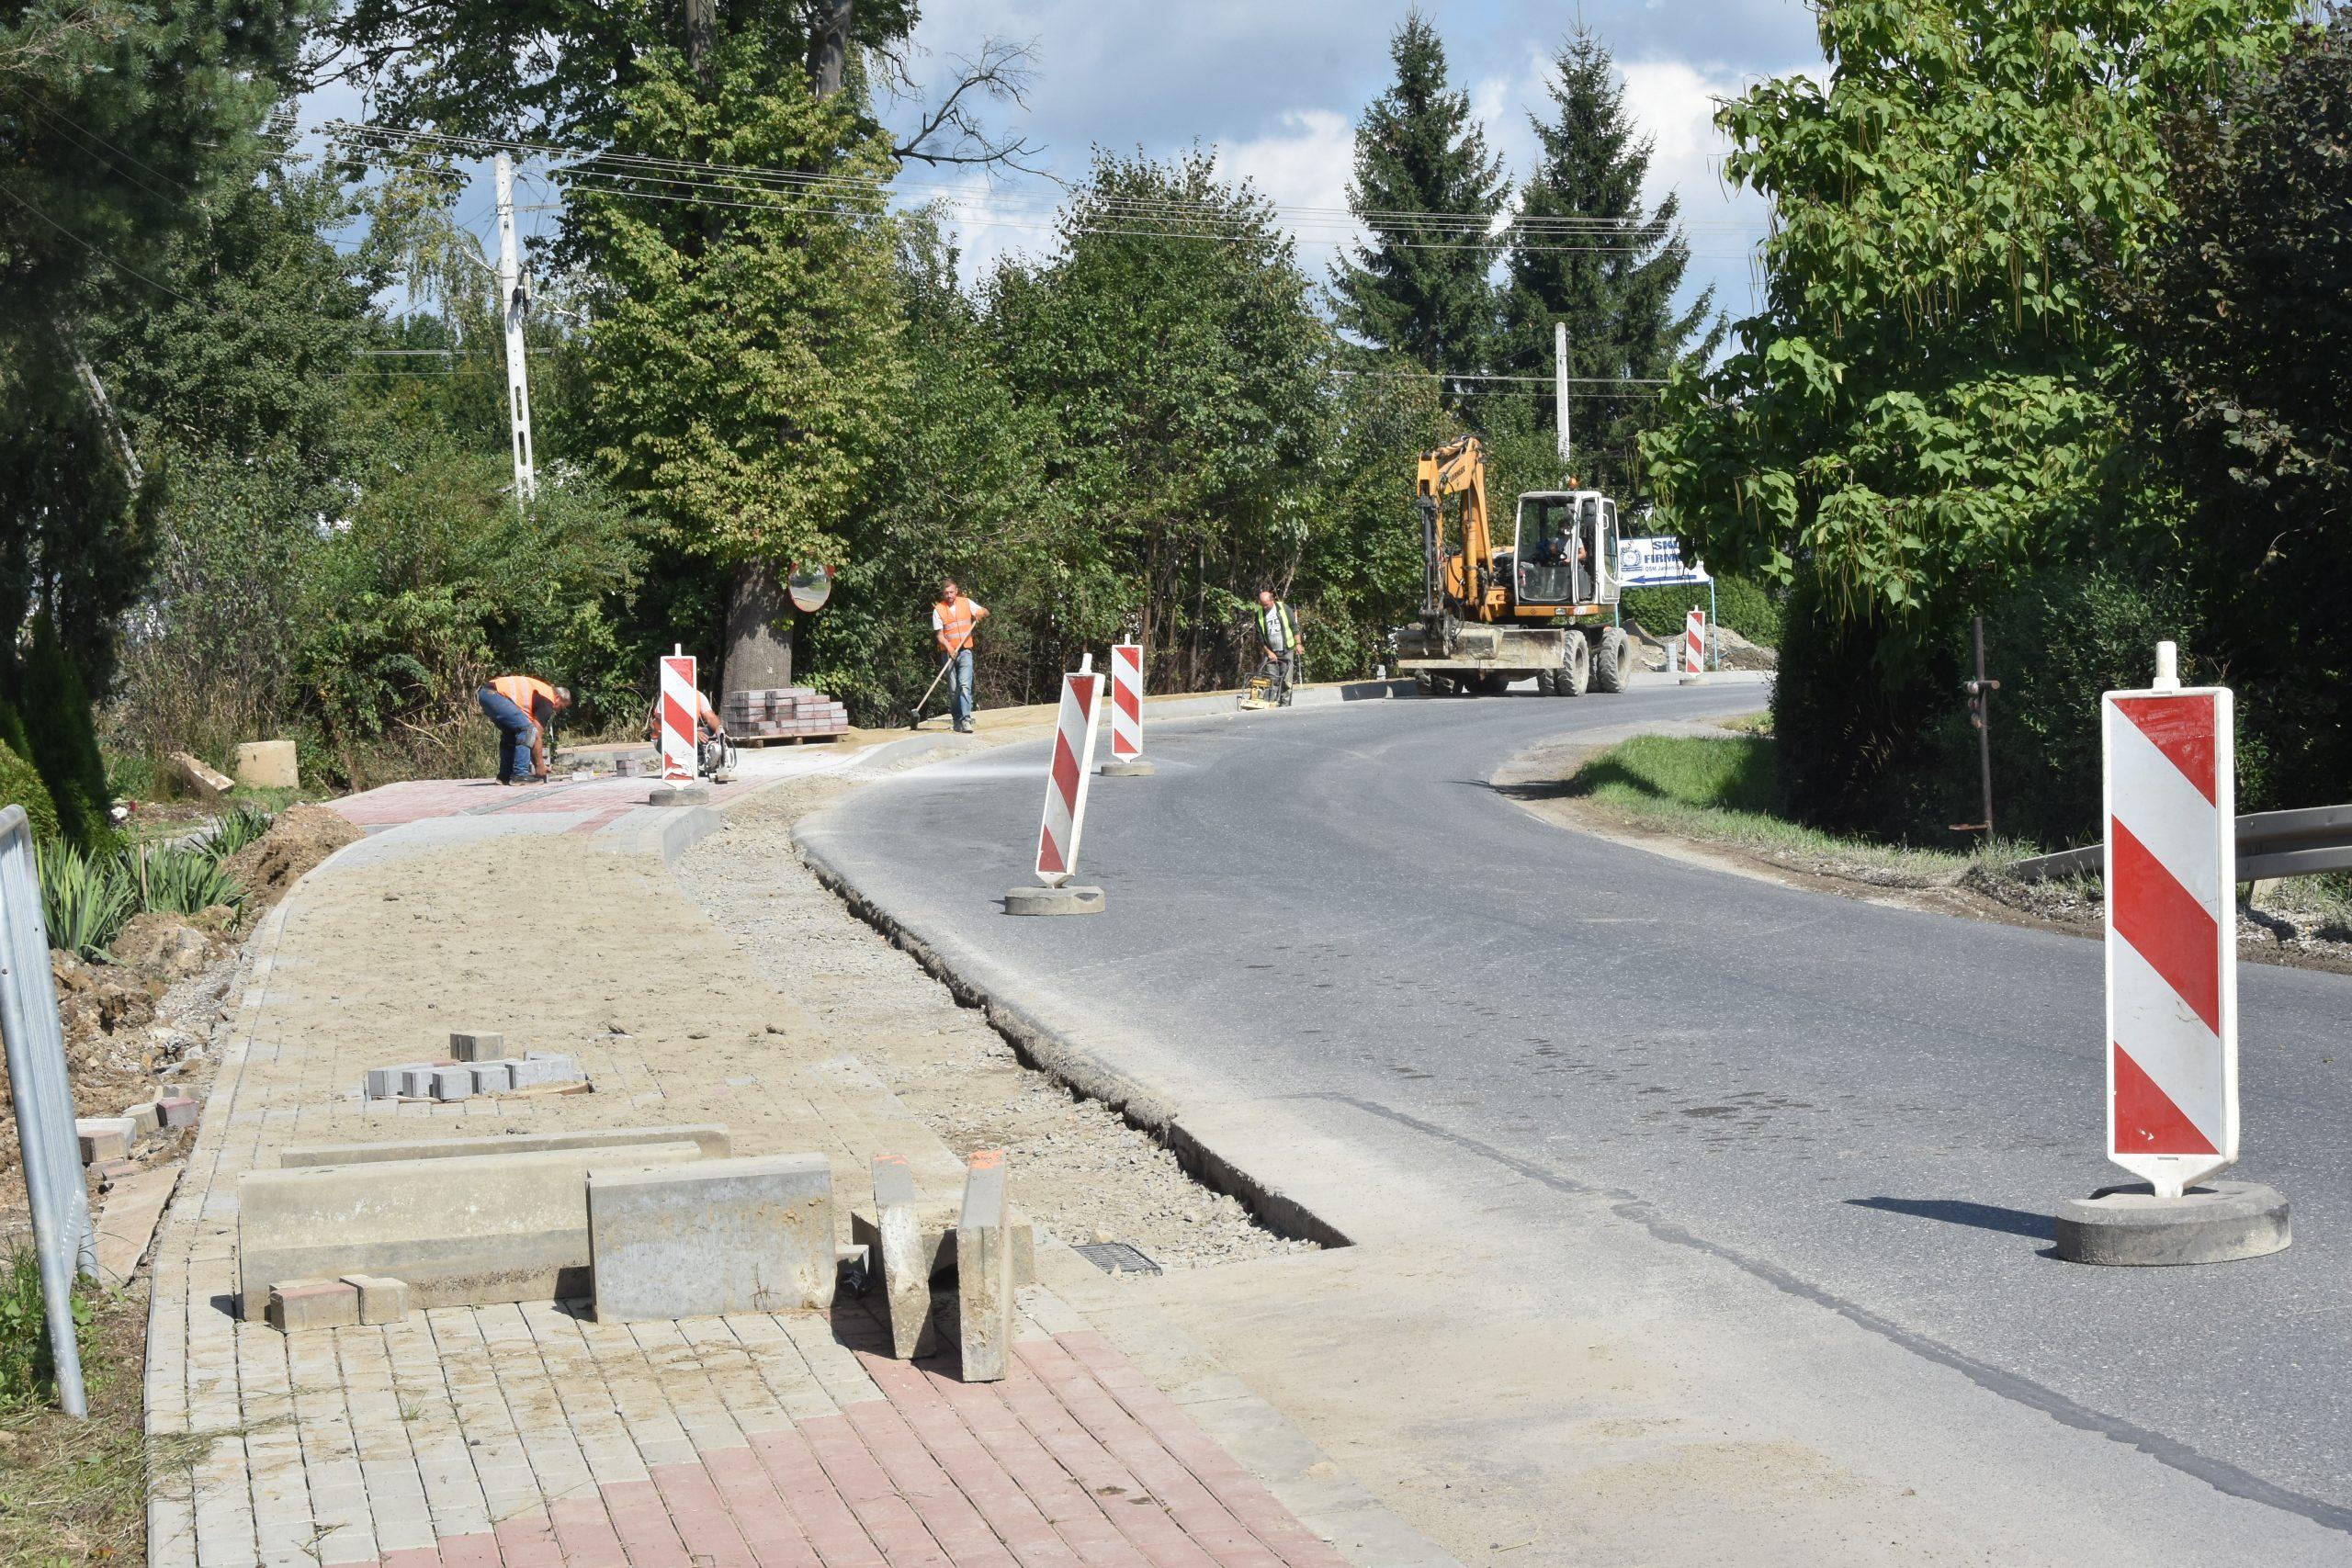 Prace remontowe przy budowie chodnika na drodze wojewódzkiej.